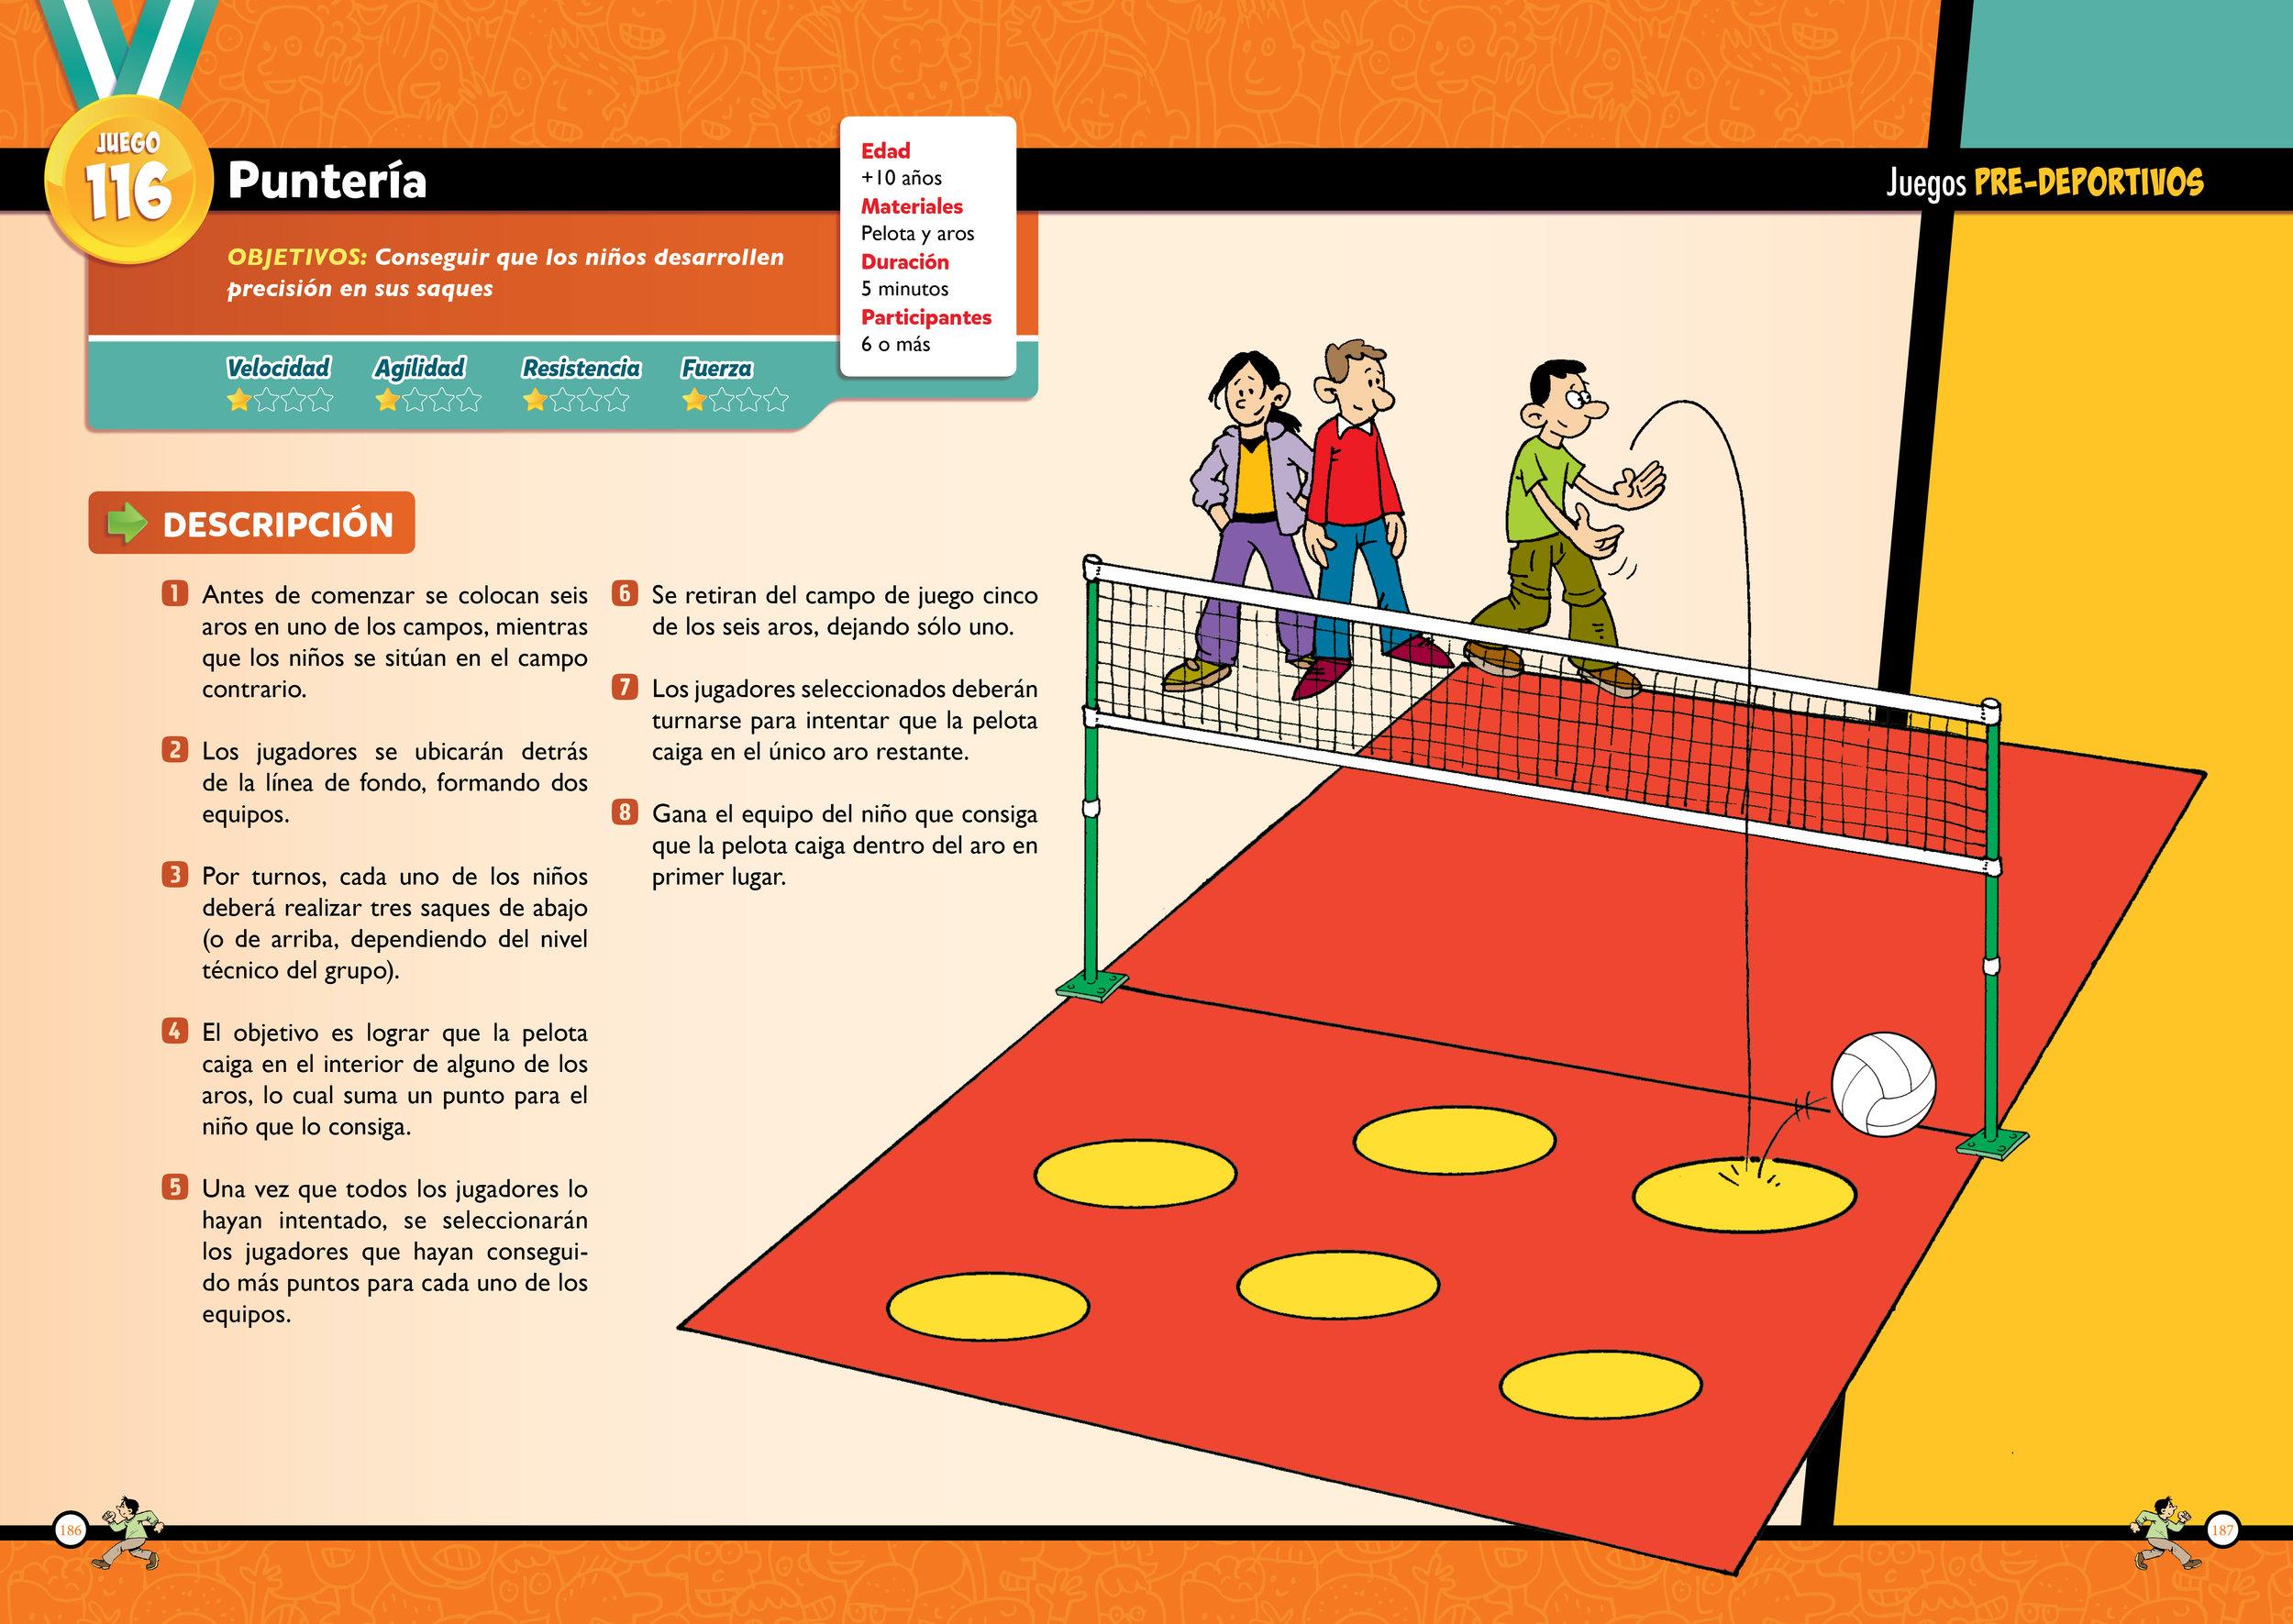 Juegos_EDUCACION_FISICA96.jpg